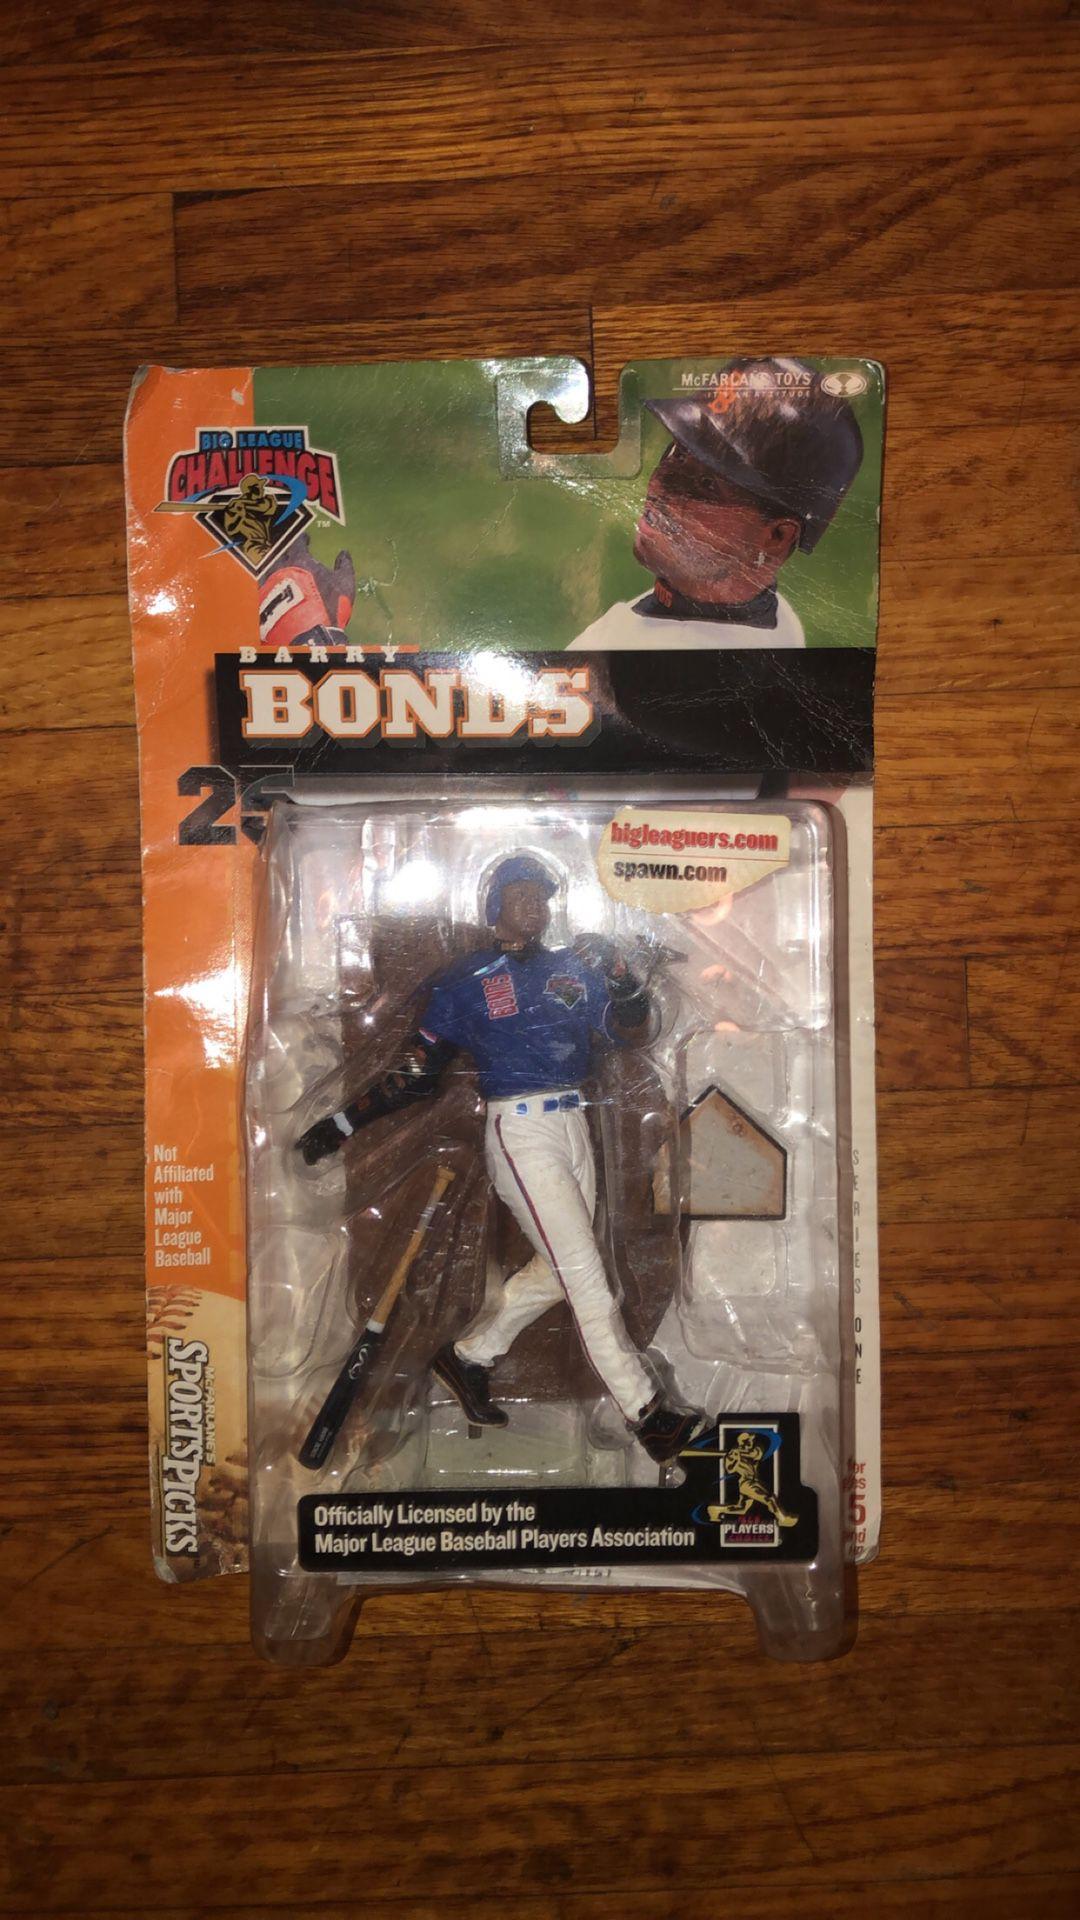 Authentic Barry Bonds MLB action figure